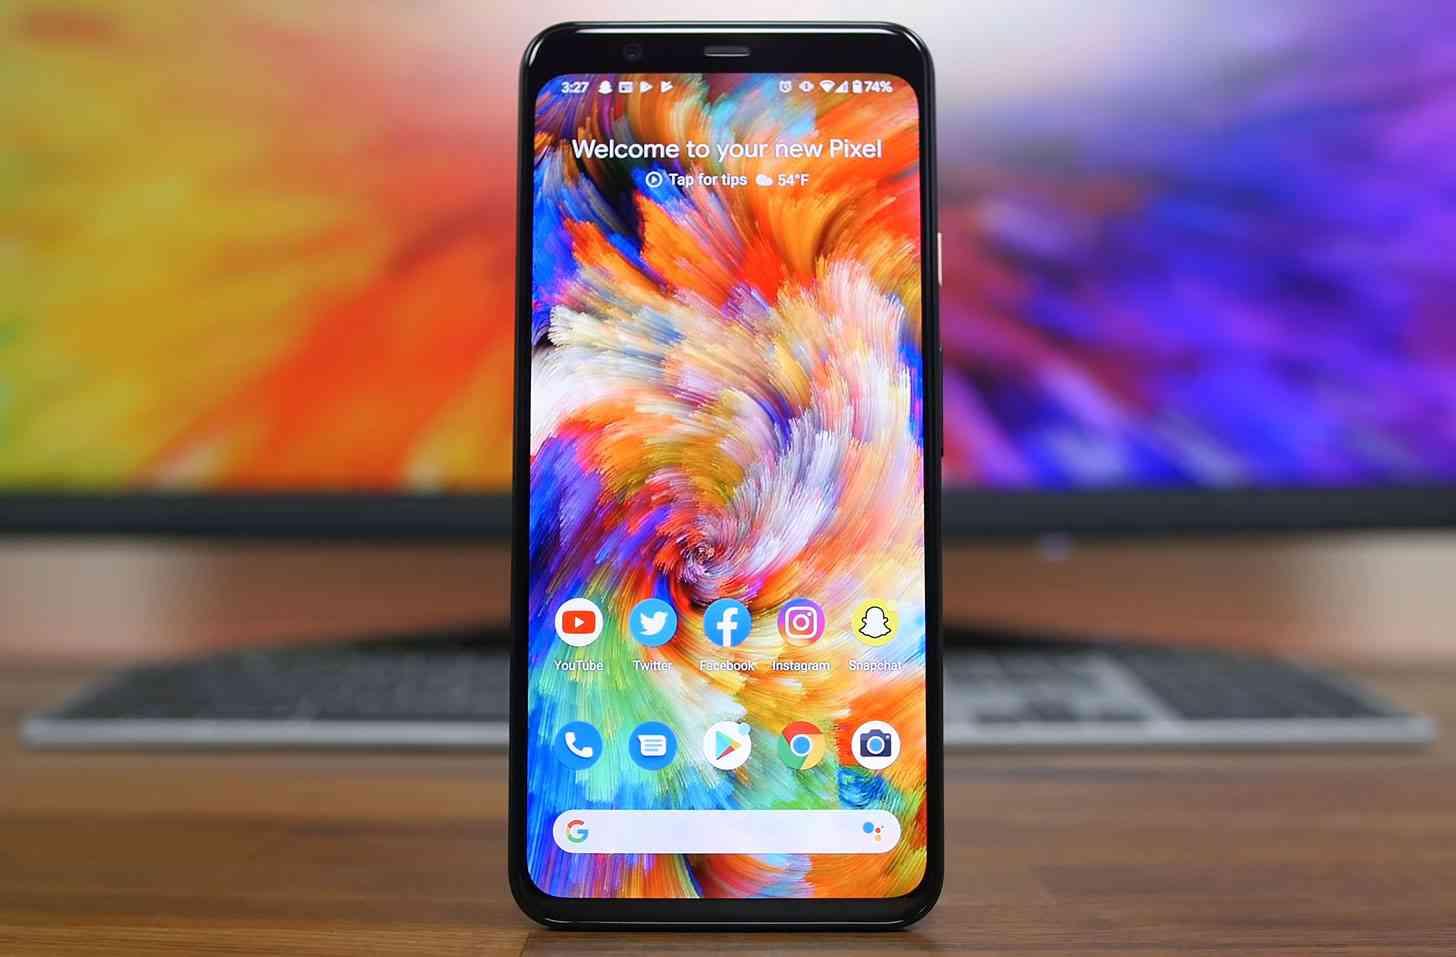 Pixel 4 XL review